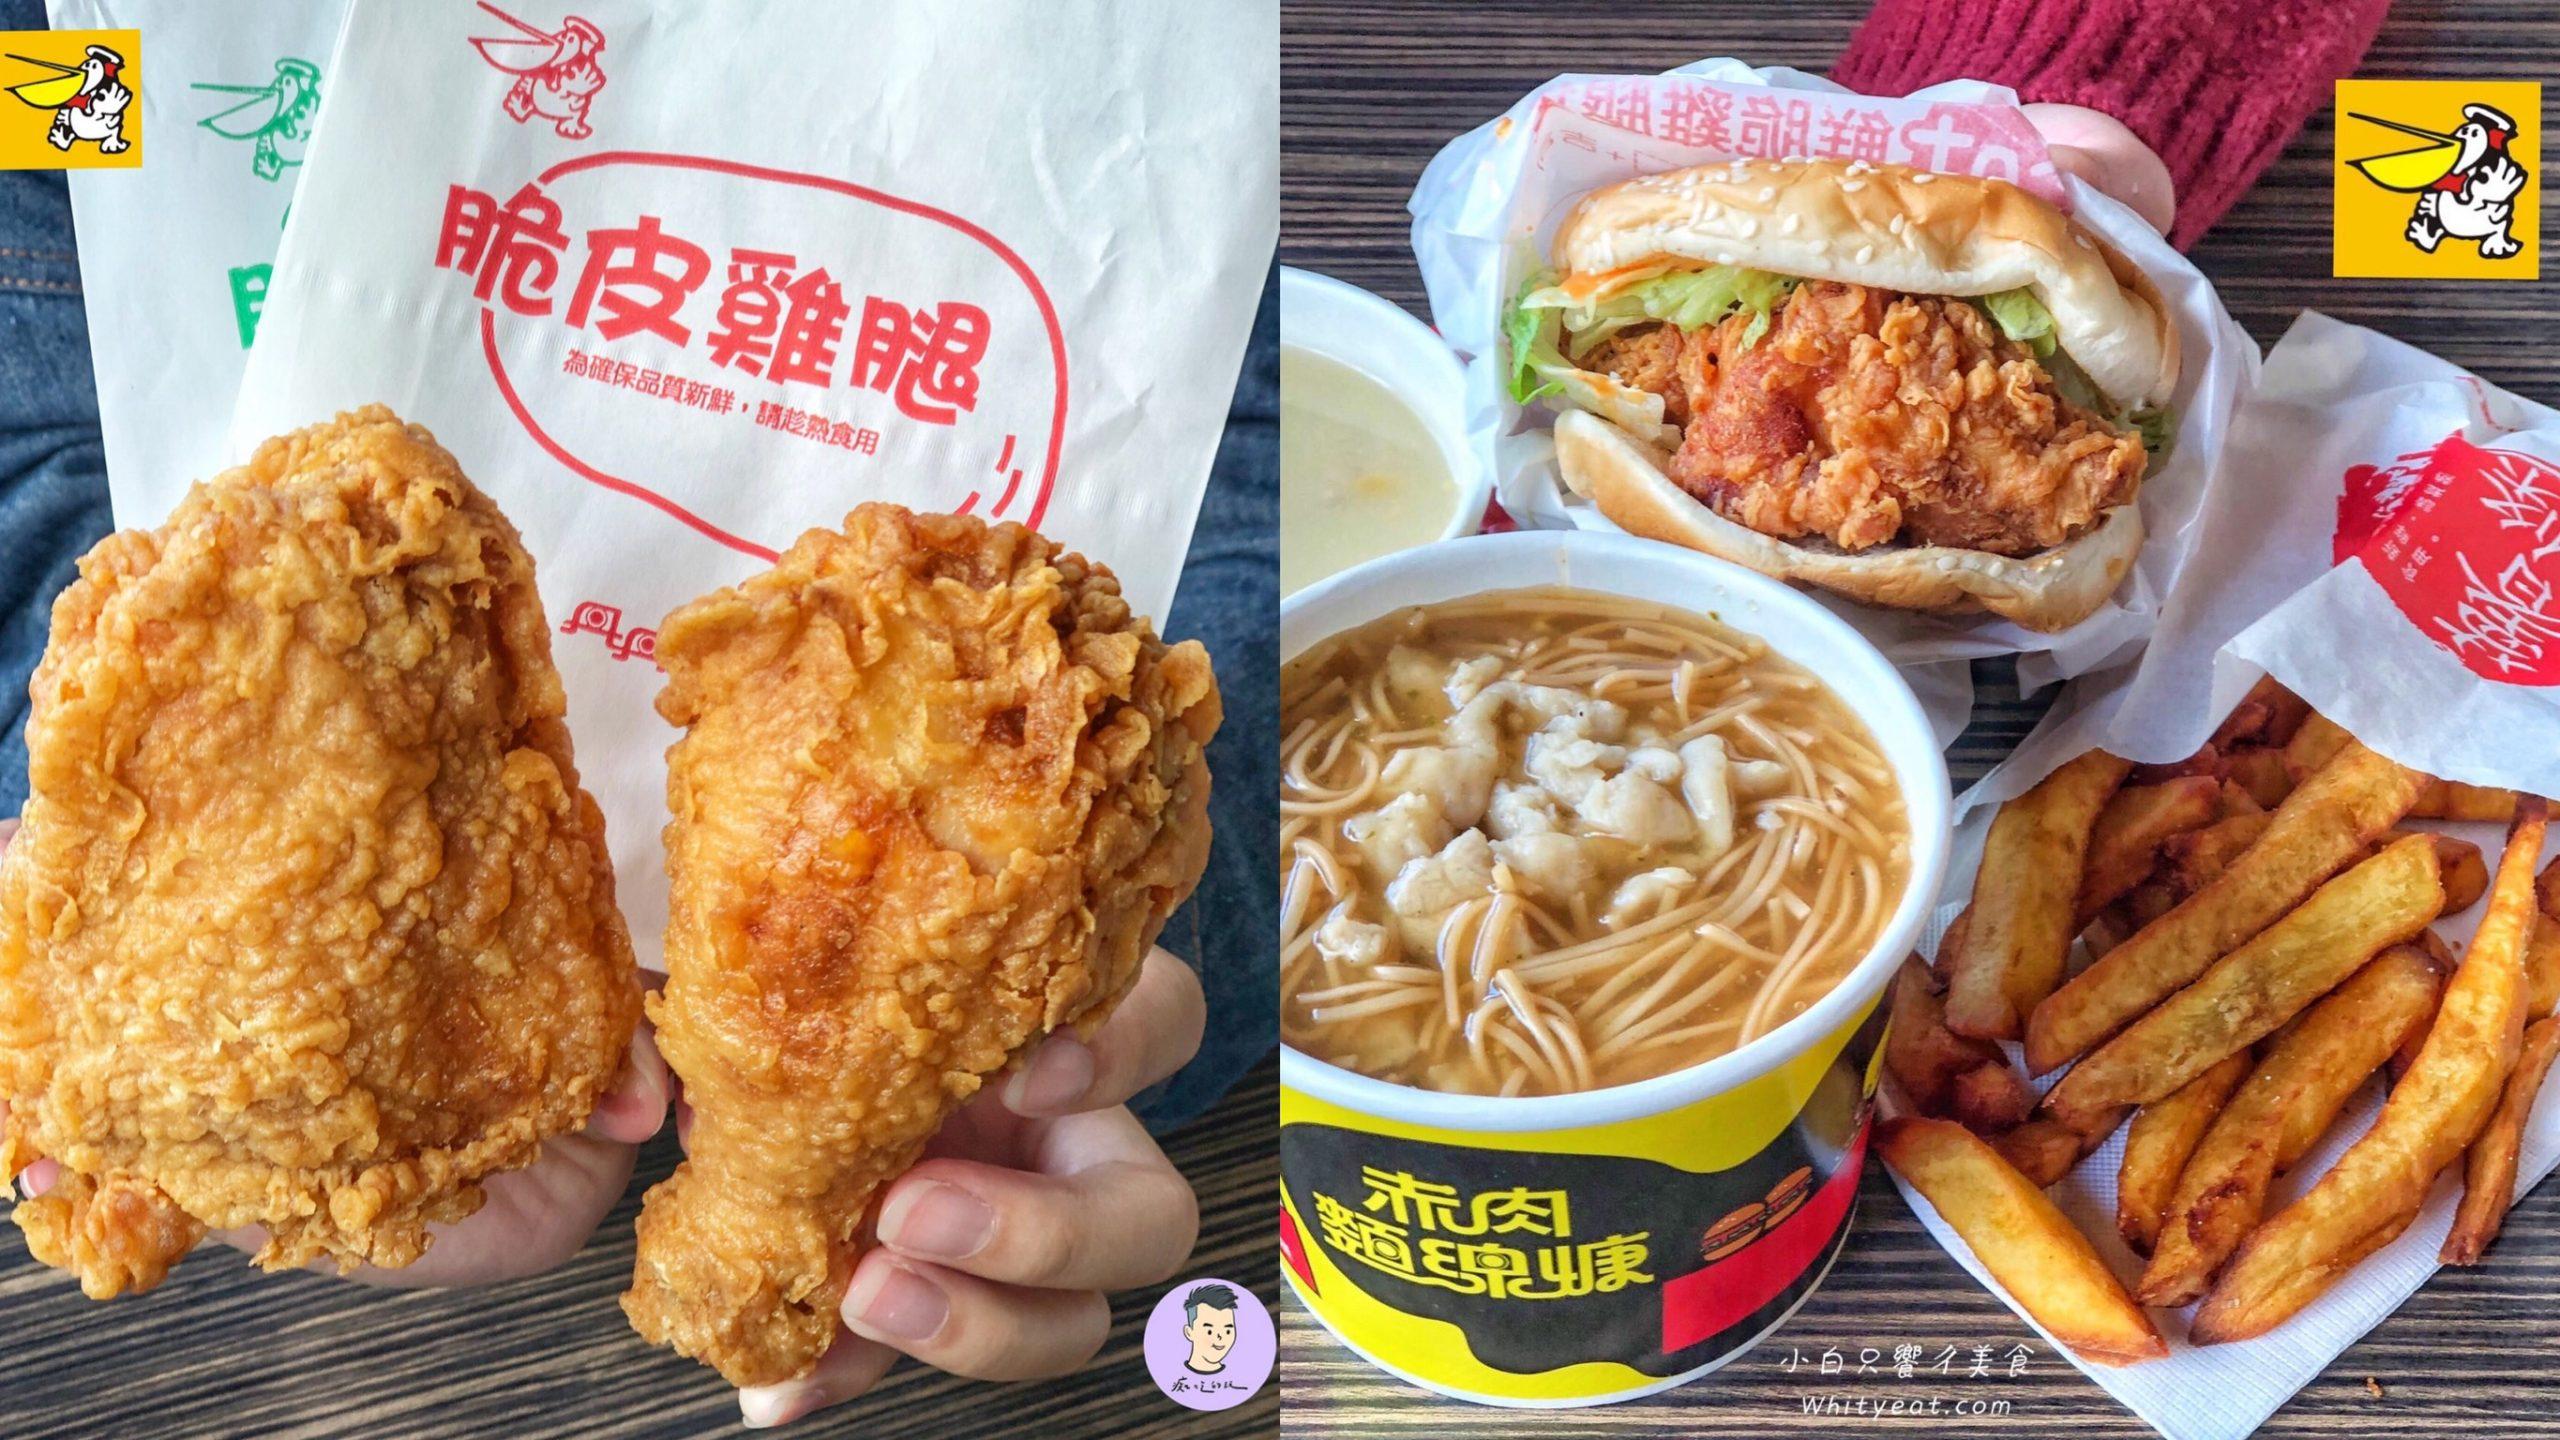 【丹丹漢堡】丹丹漢堡2021春節公休時刻表出來了!!這幾天公休別白跑一趟 南台灣最強速食店你都吃幾號餐???